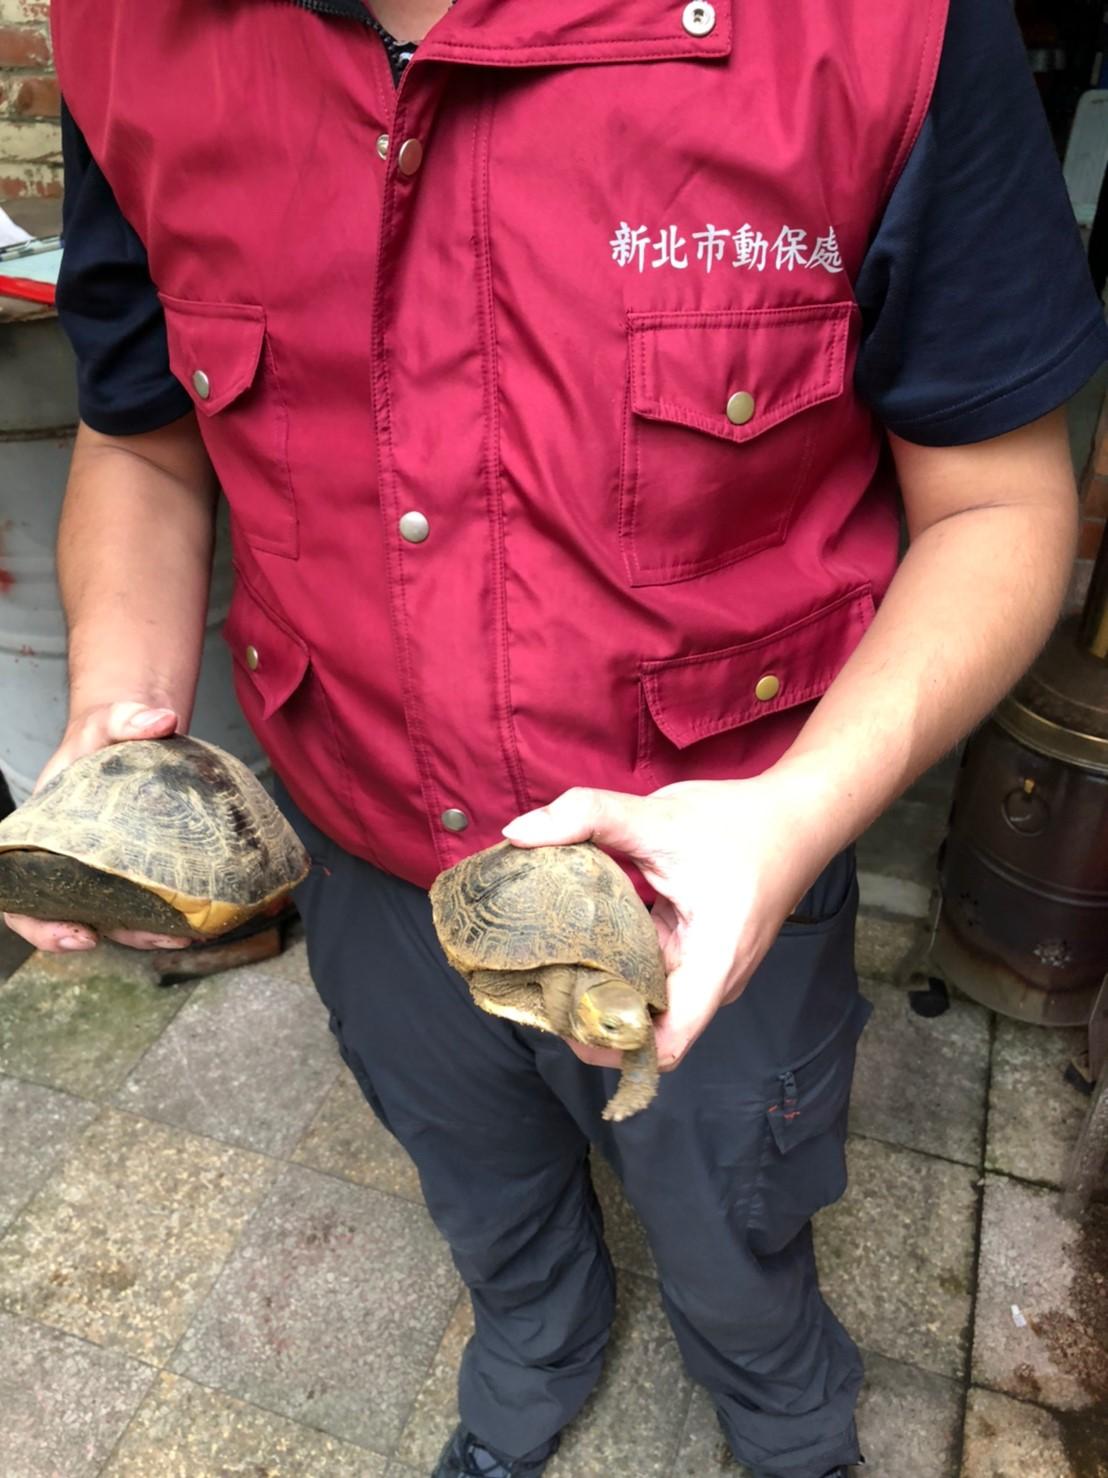 現場查獲食蛇龜2隻